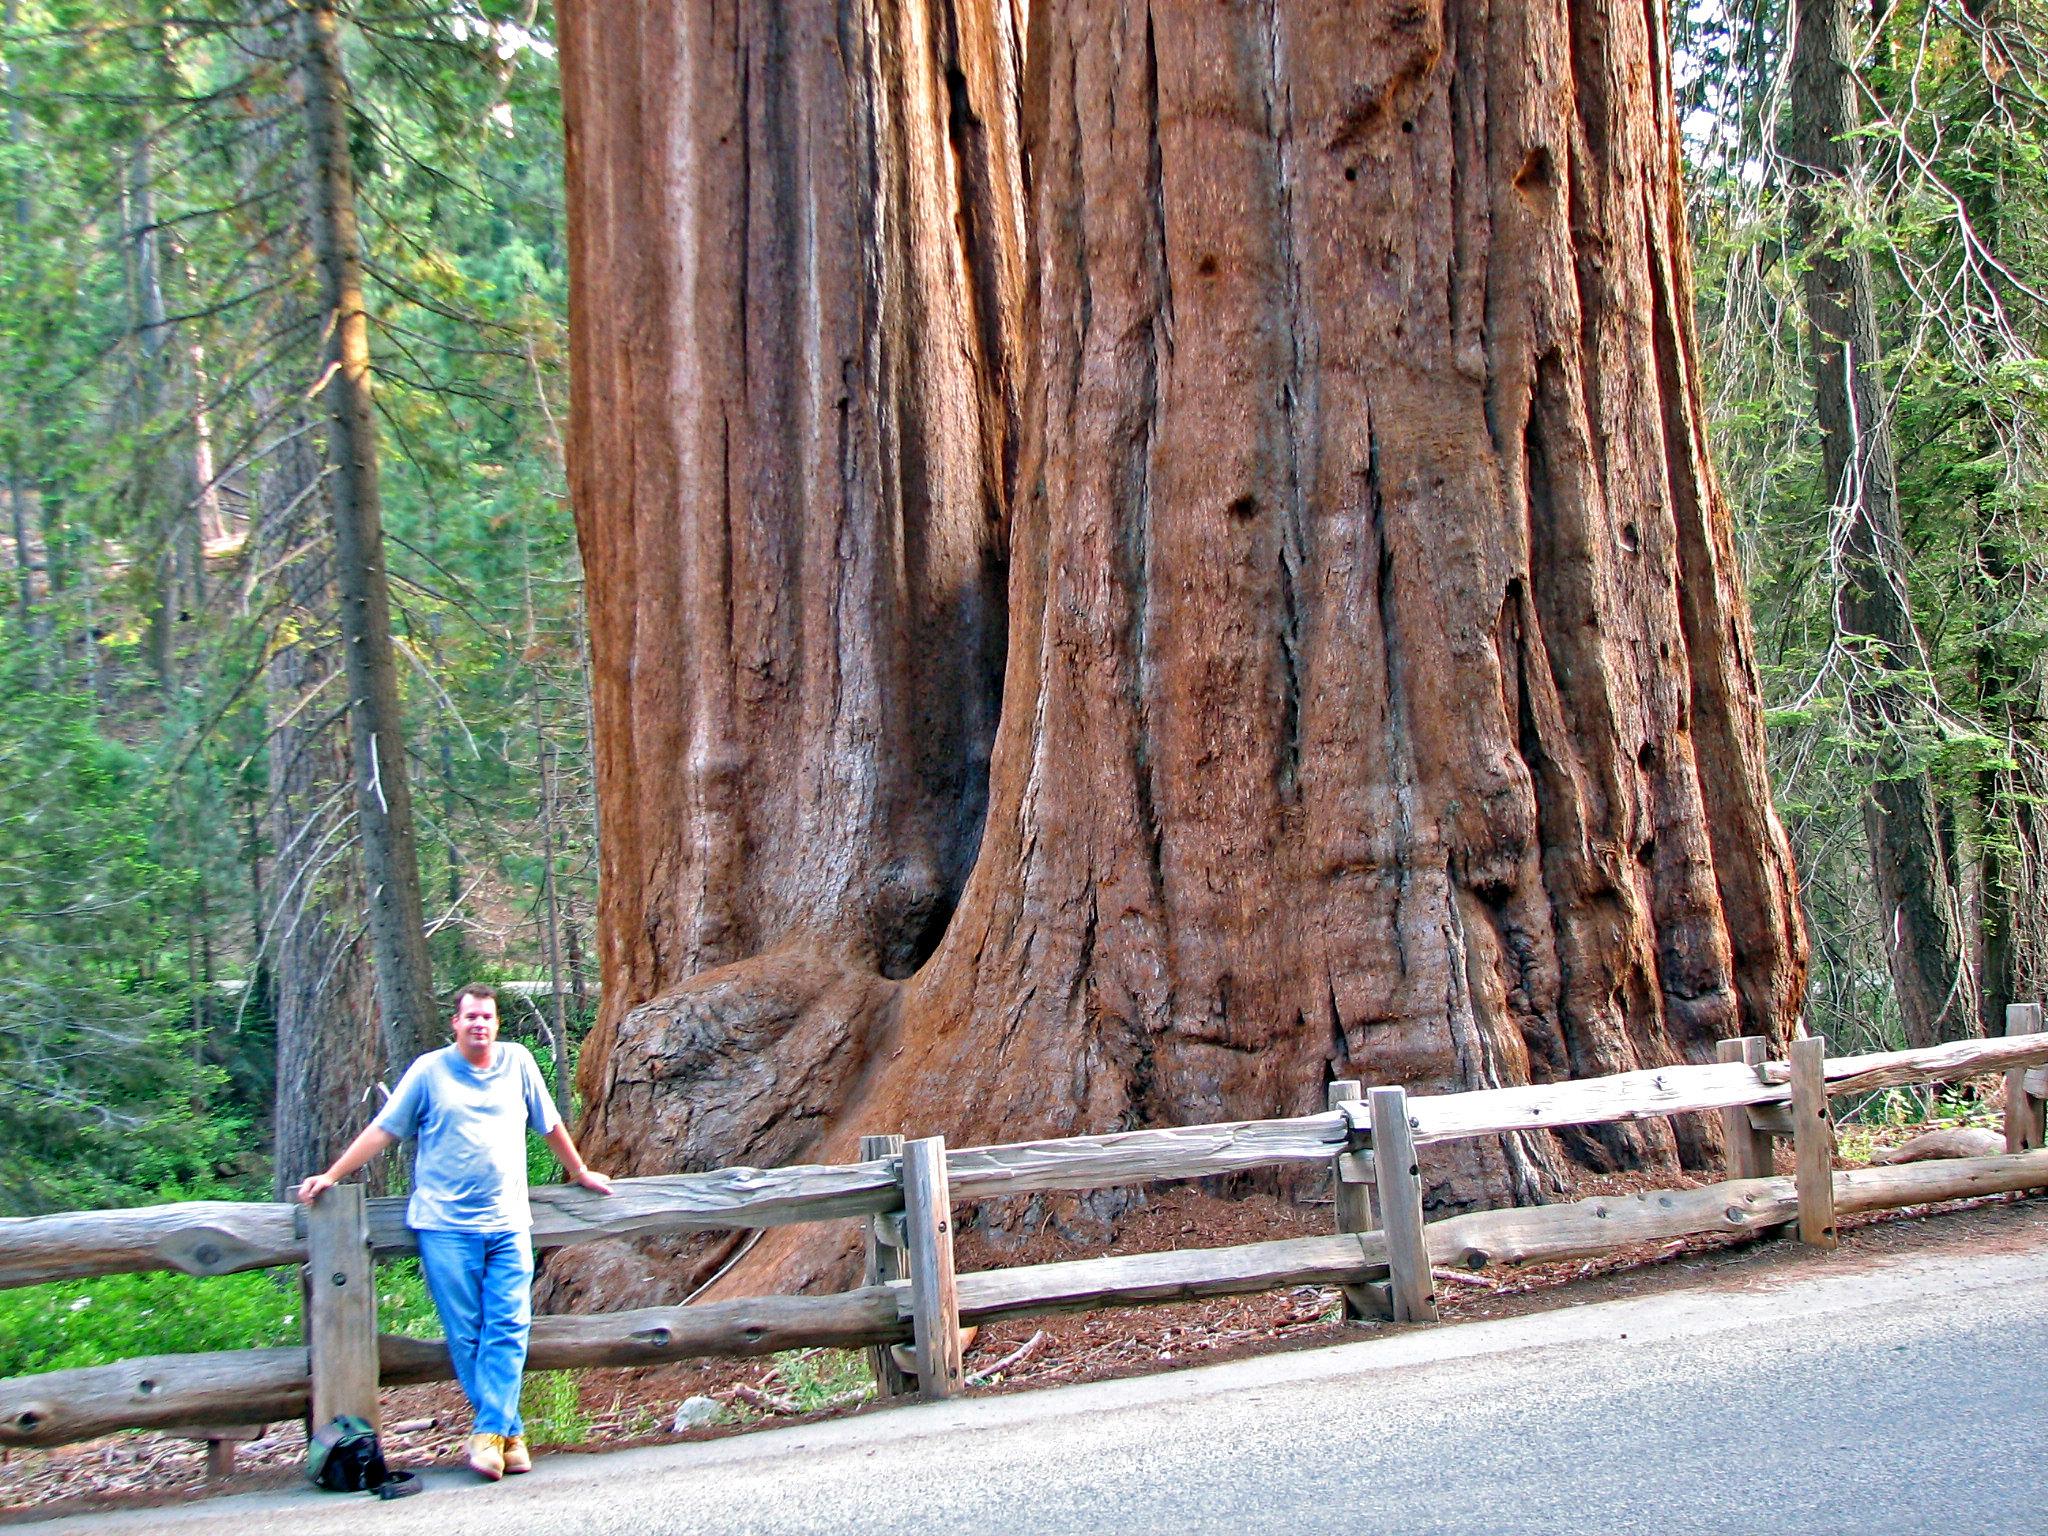 Las secuoyas son árboles que crecen en bosques